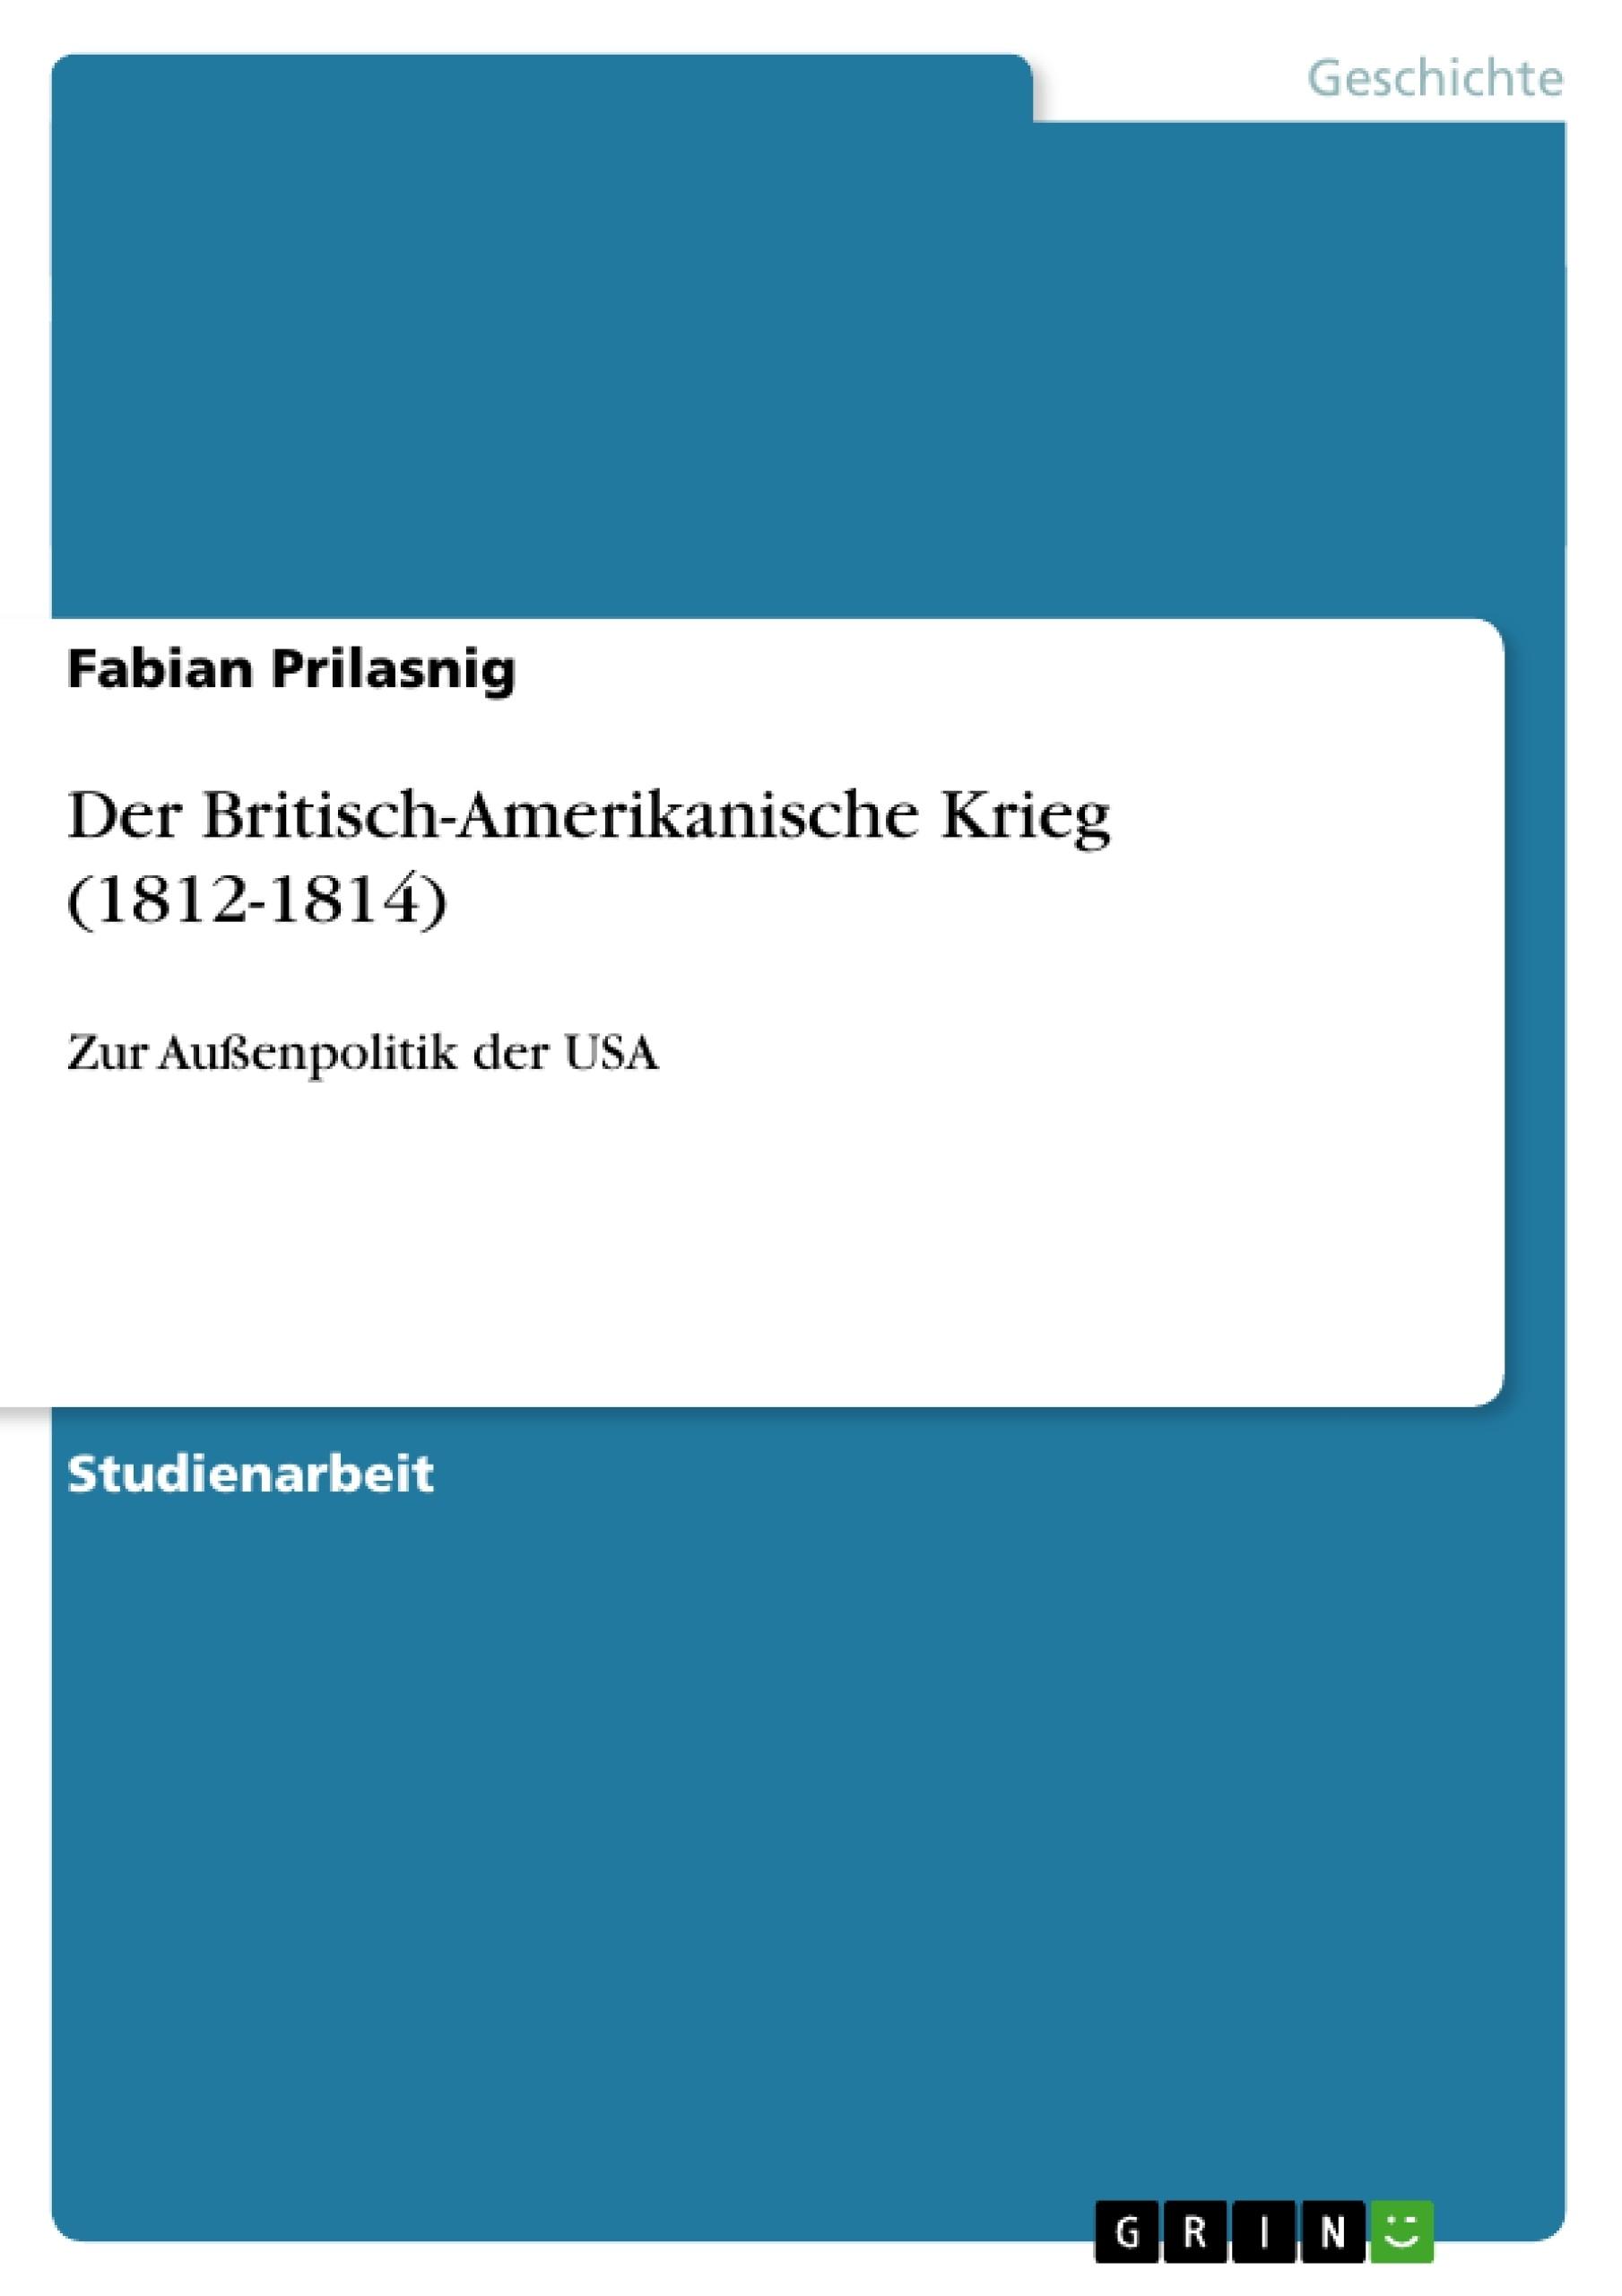 Titel: Der Britisch-Amerikanische Krieg (1812-1814)